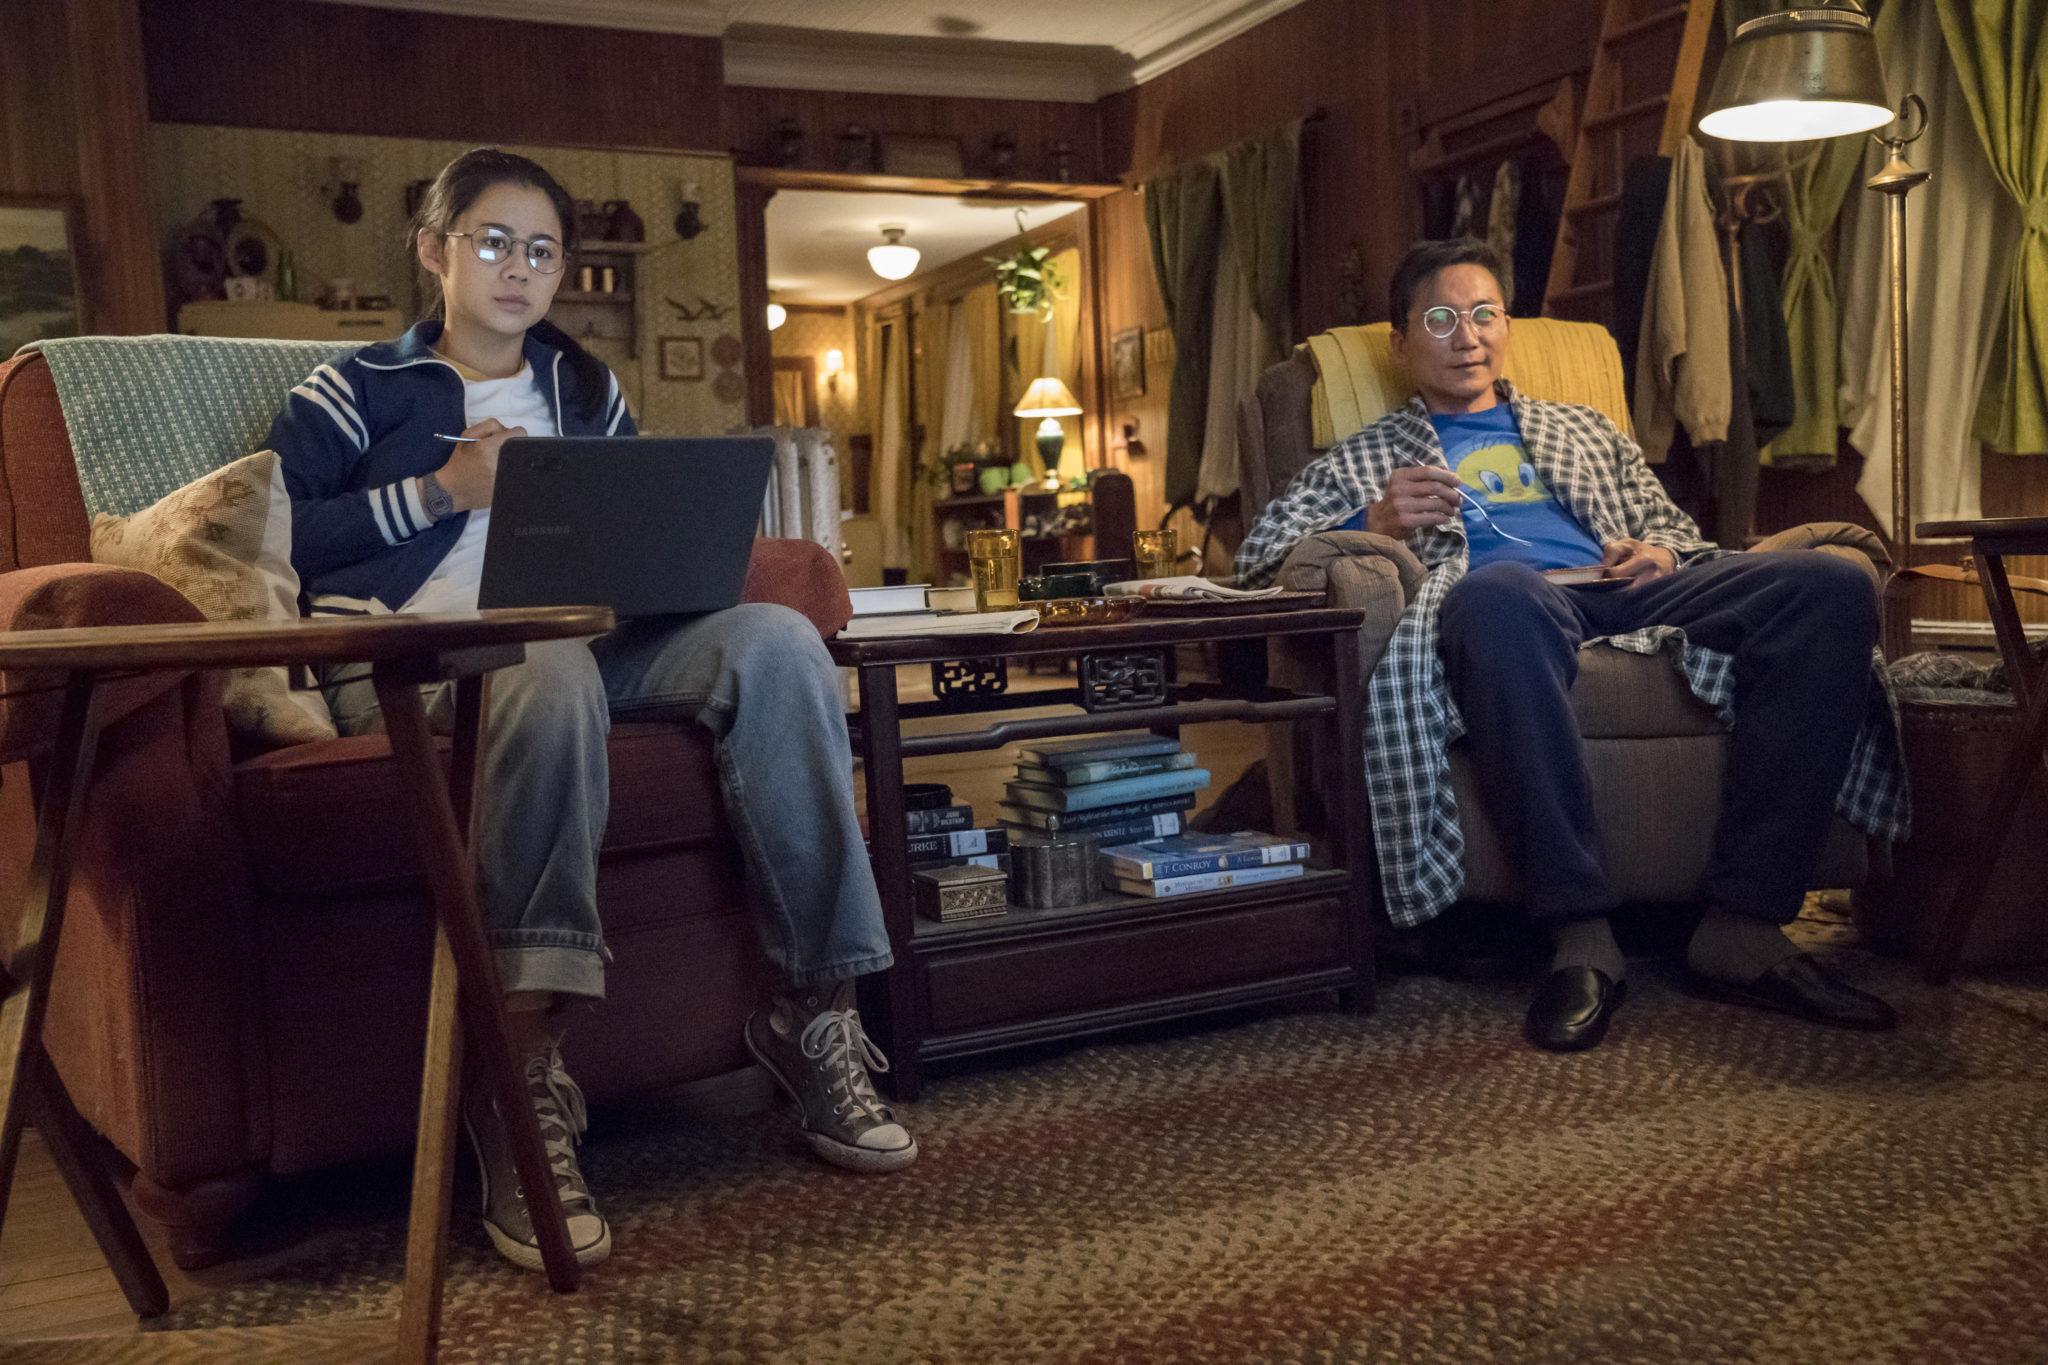 Ellie und ihr Vater sehen gemeinsam fern in Nur die halbe Geschichte